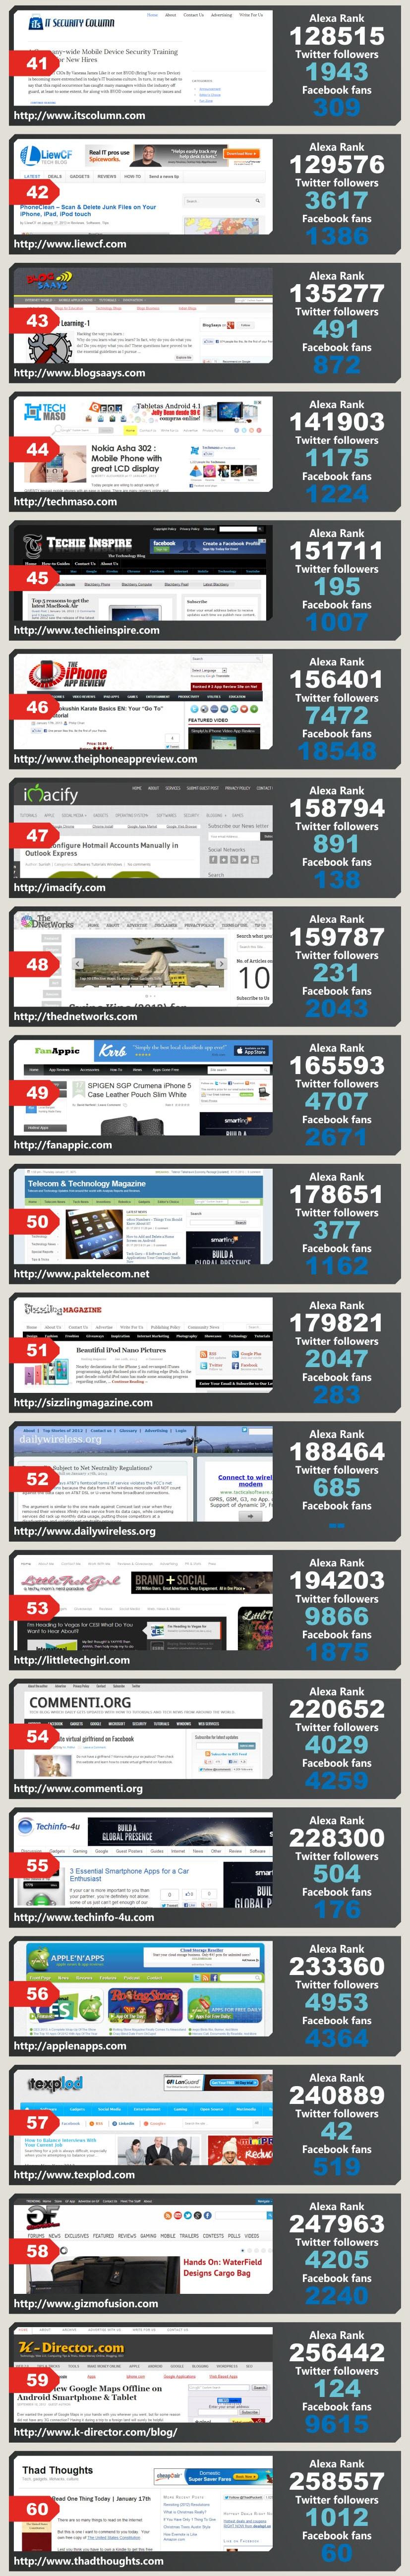 top-technology-blogs-2013